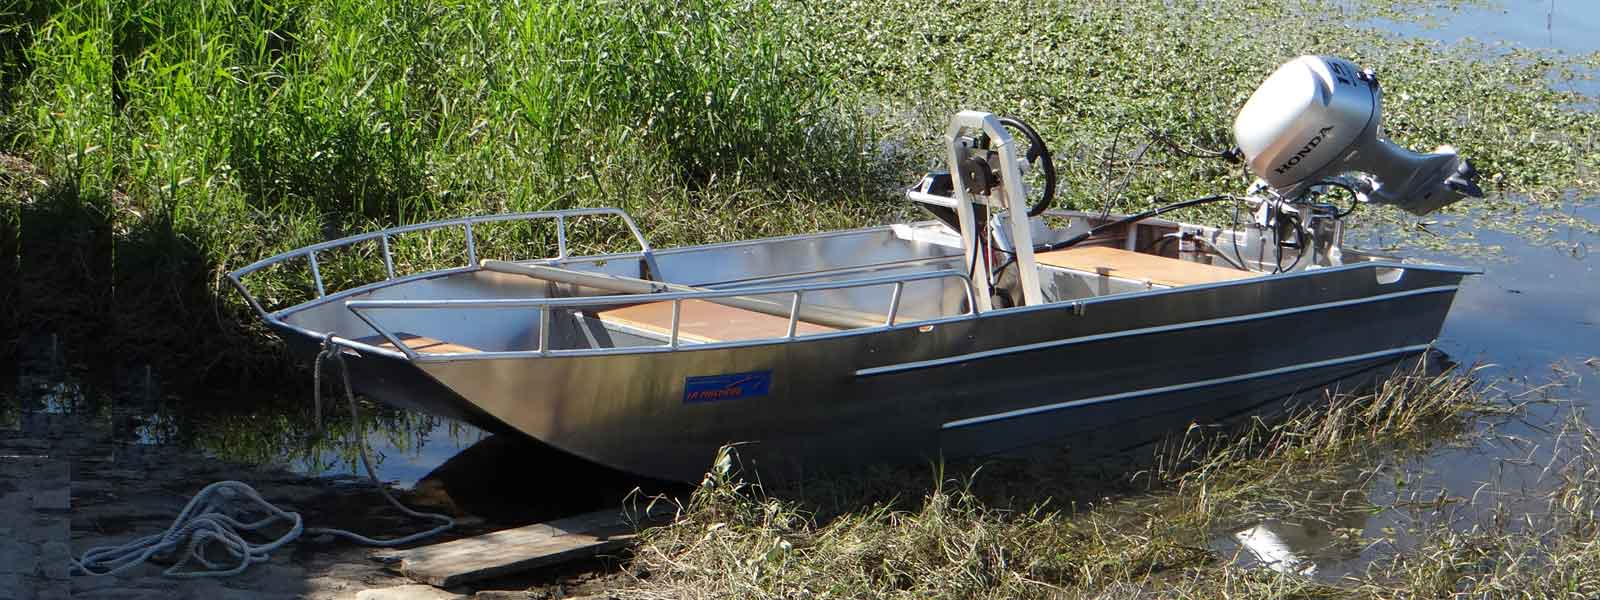 Barca leggera in alluminio saldato